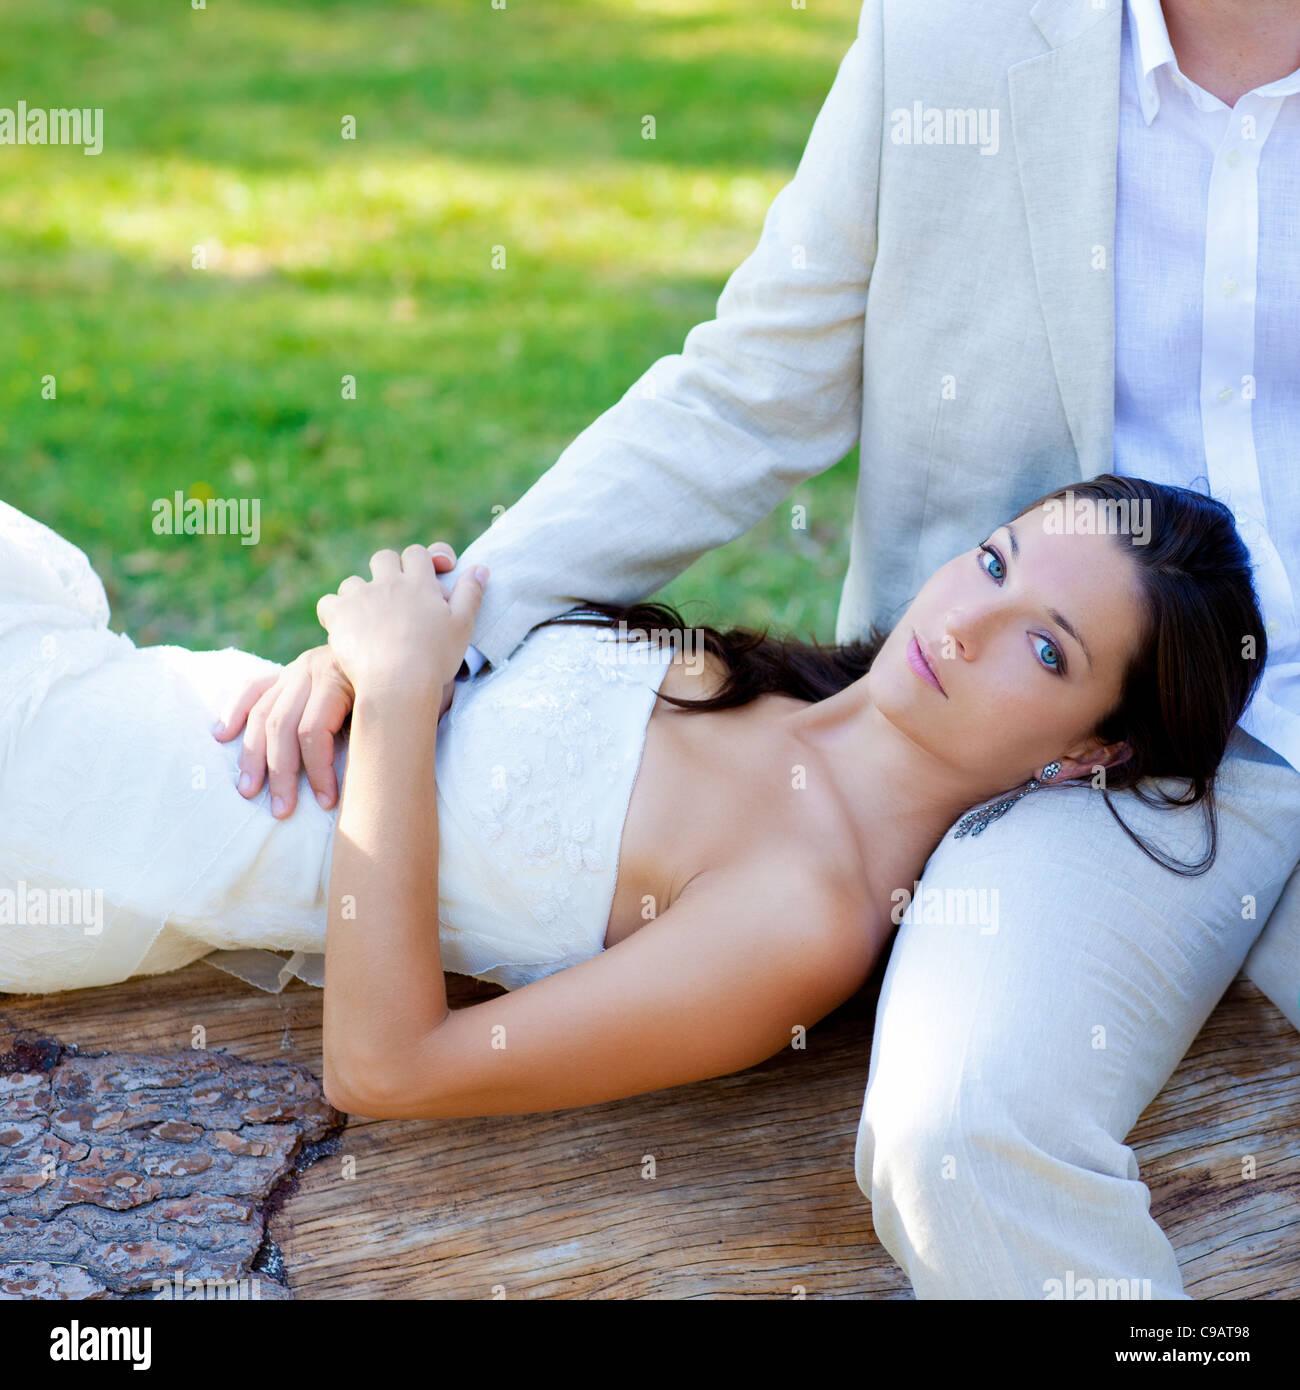 Donna sdraiata sul marito della gamba in un parco tronco appena sposato Immagini Stock